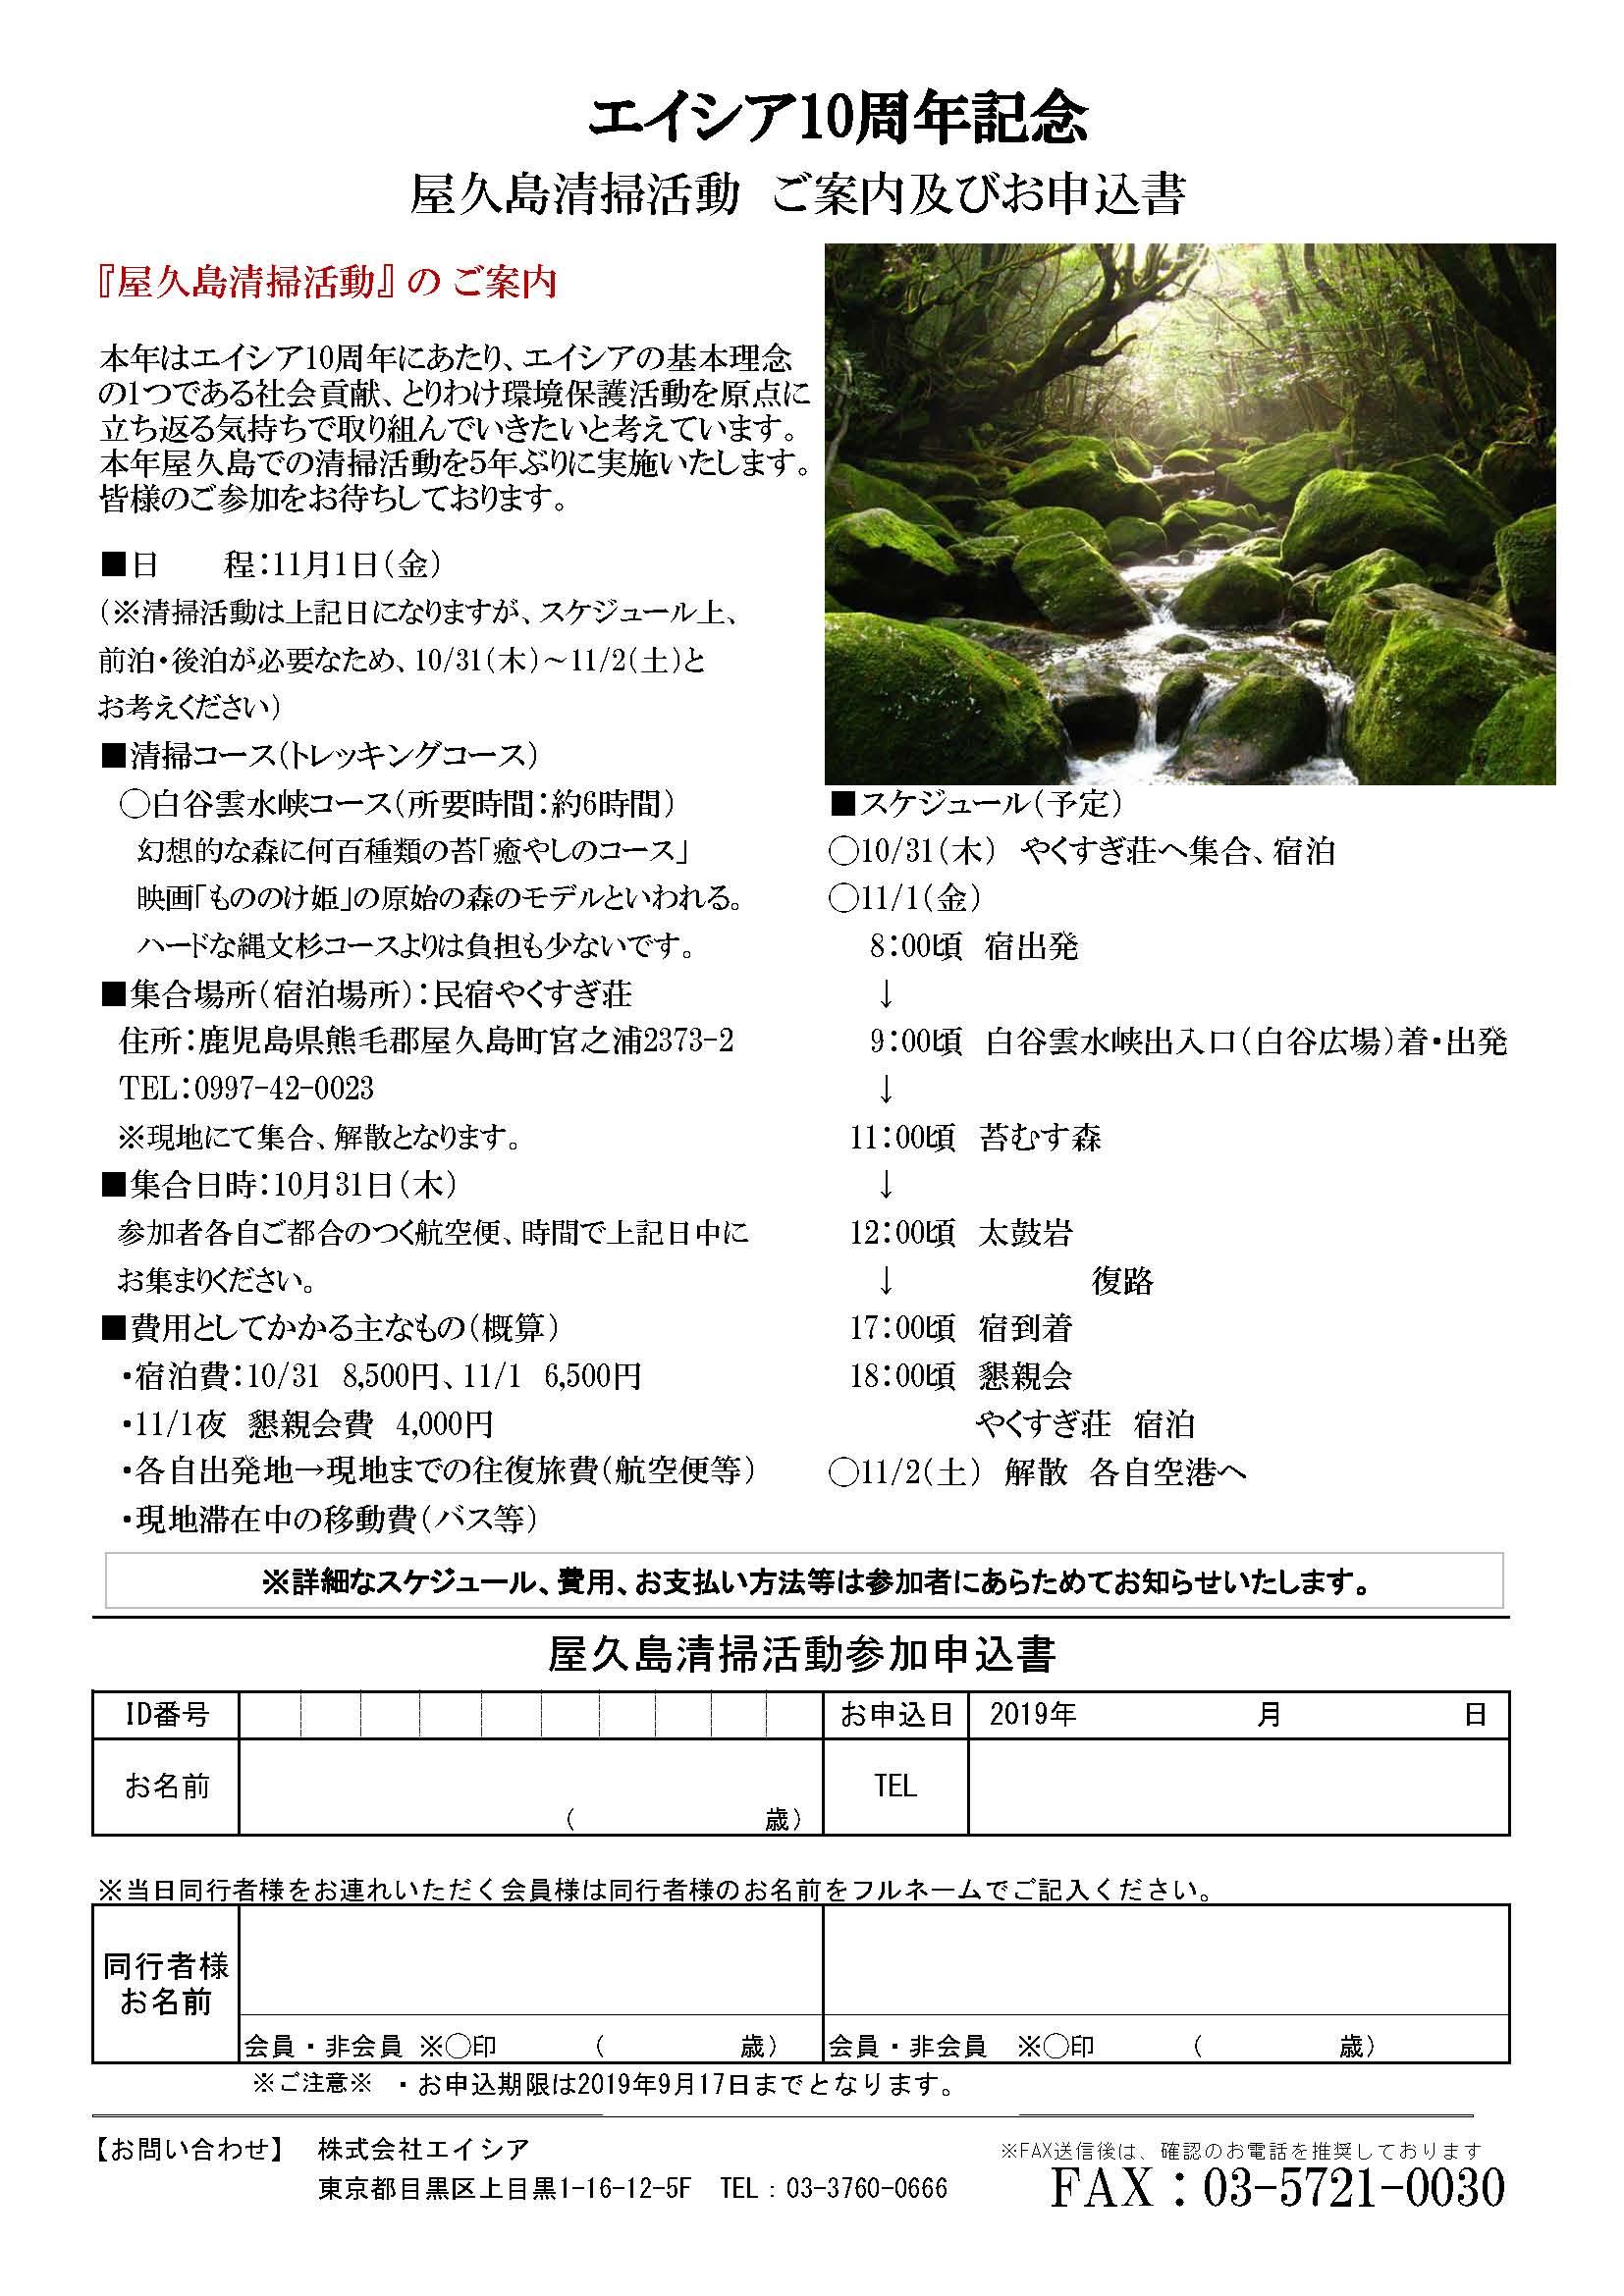 エイシア10周年記念 屋久島フライヤー及び申込書